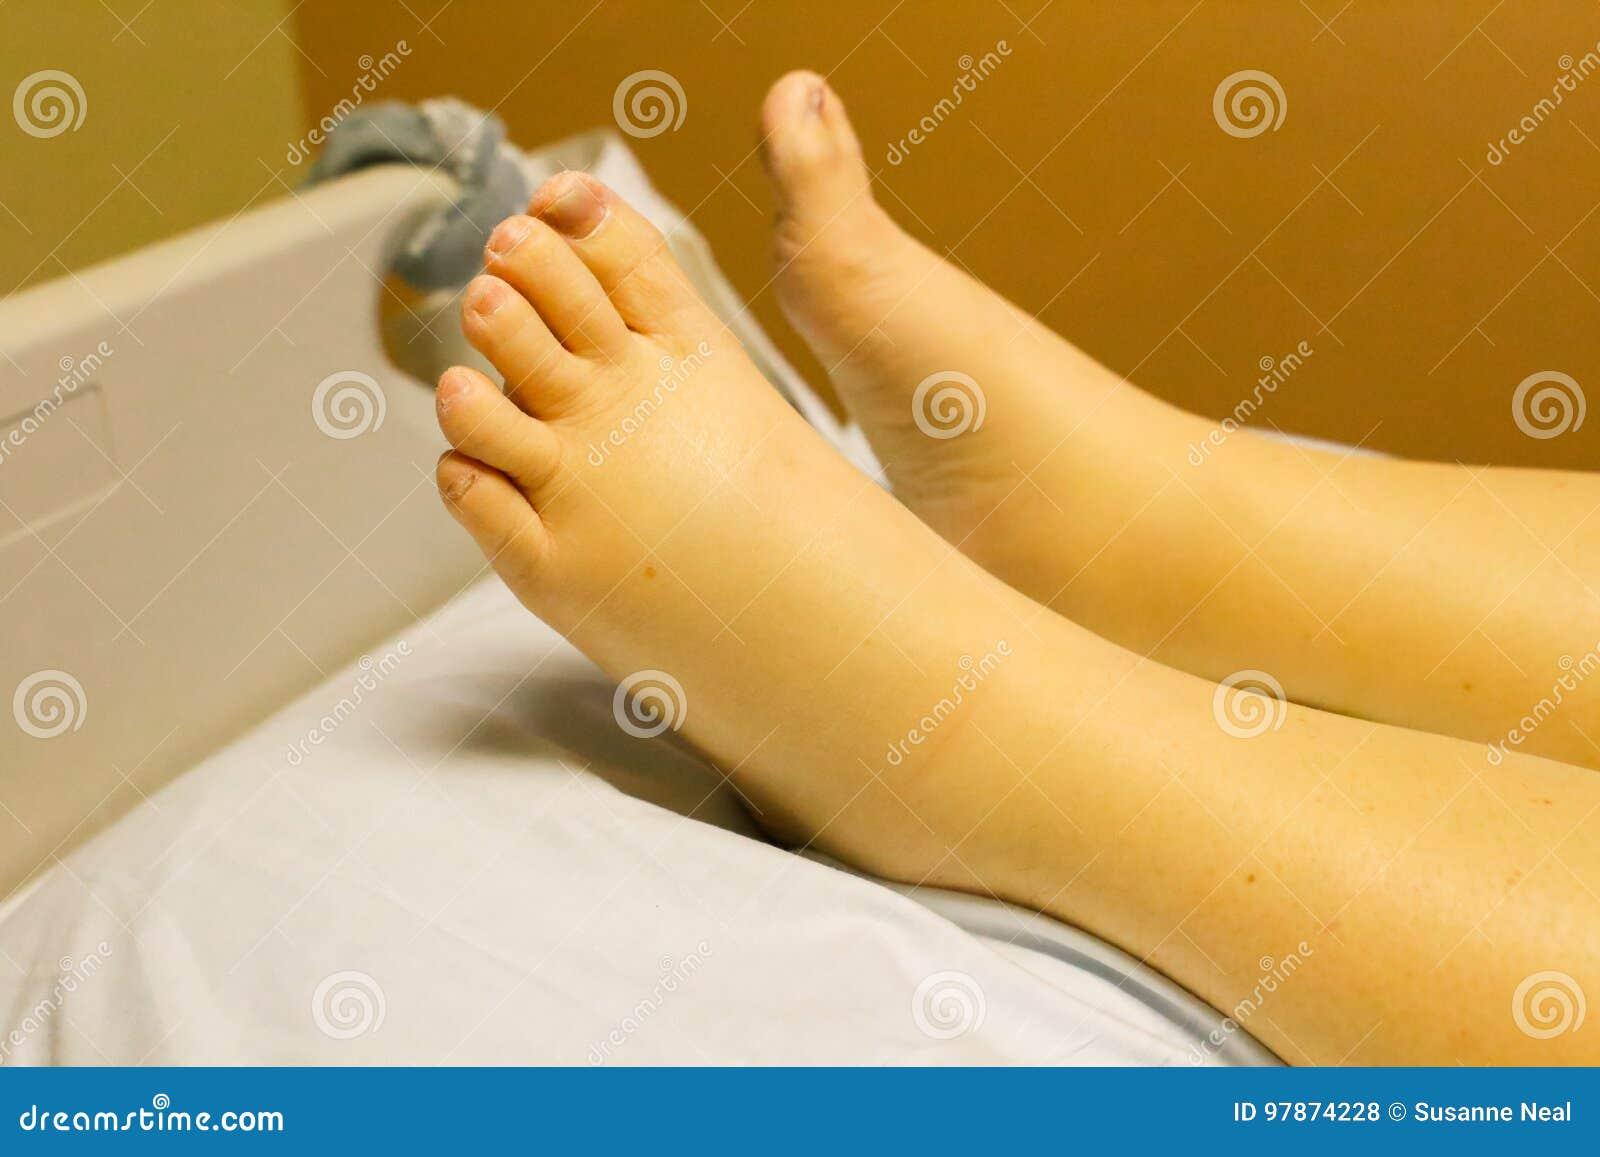 La mejor manera de ayudar a los pies hinchados